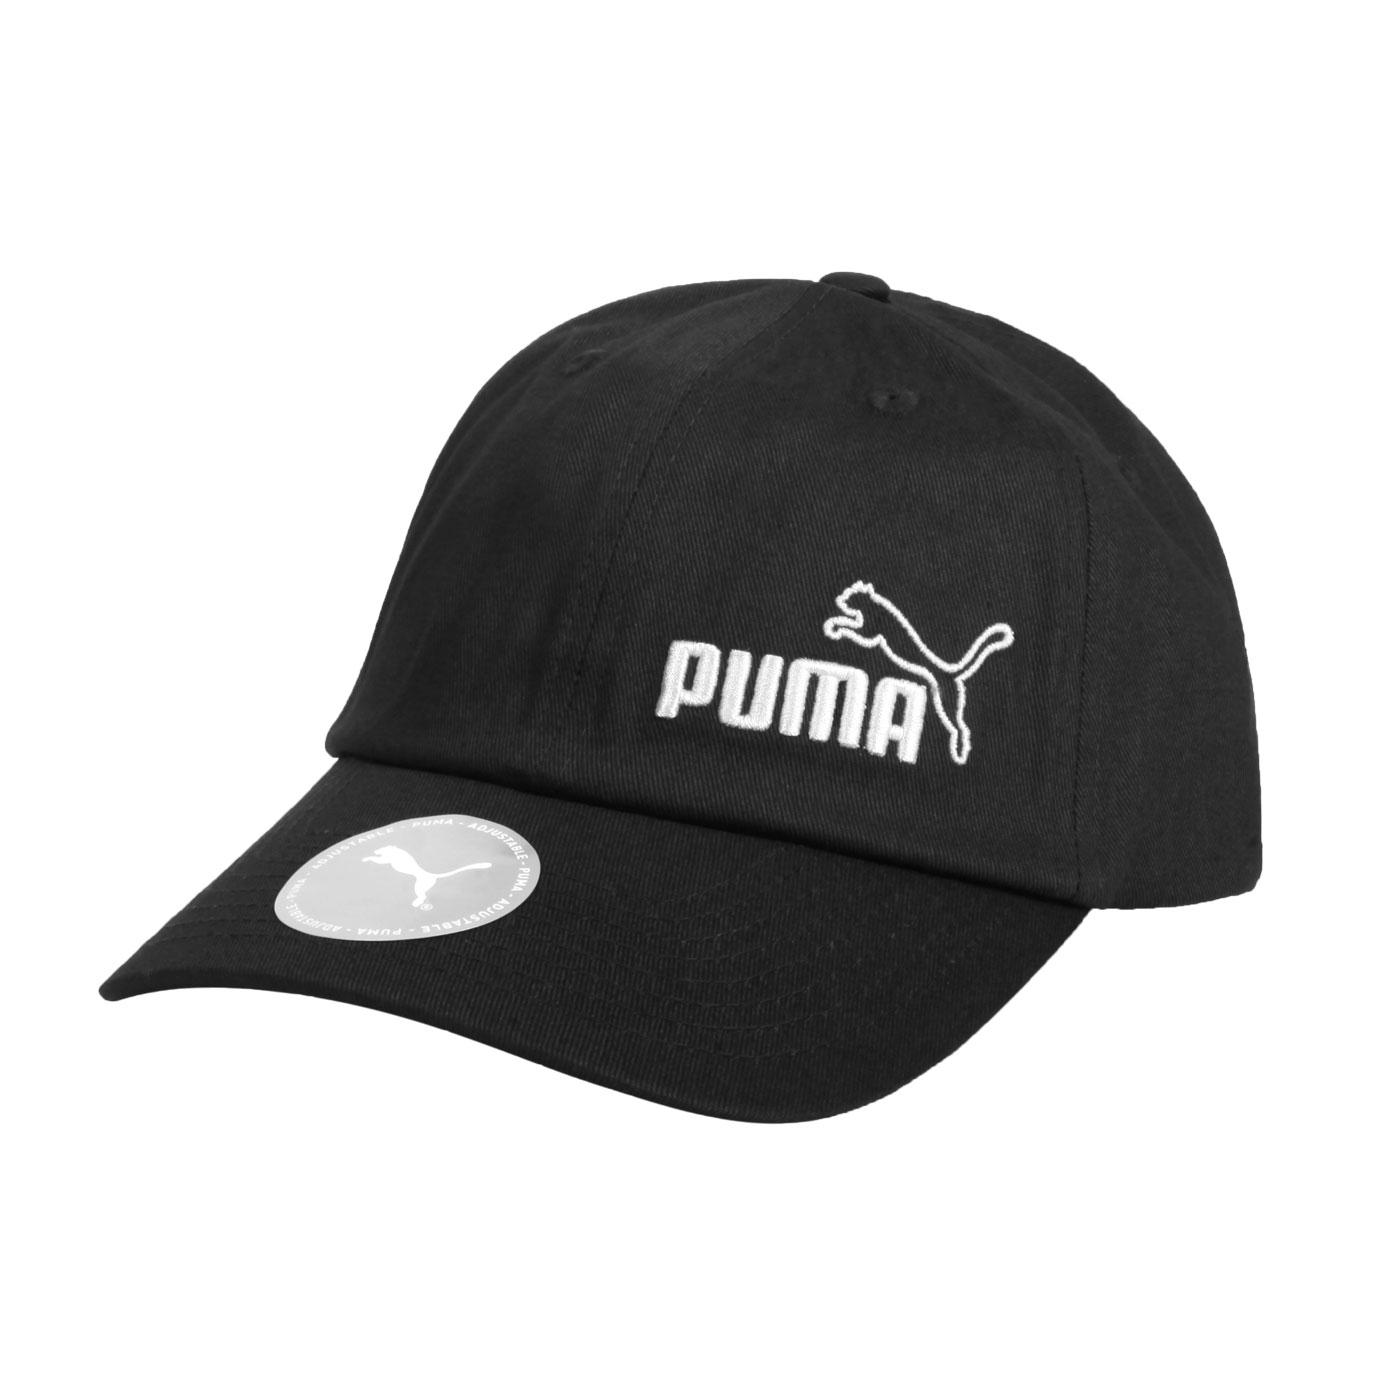 PUMA 基本系列棒球帽 02254325 - 黑白